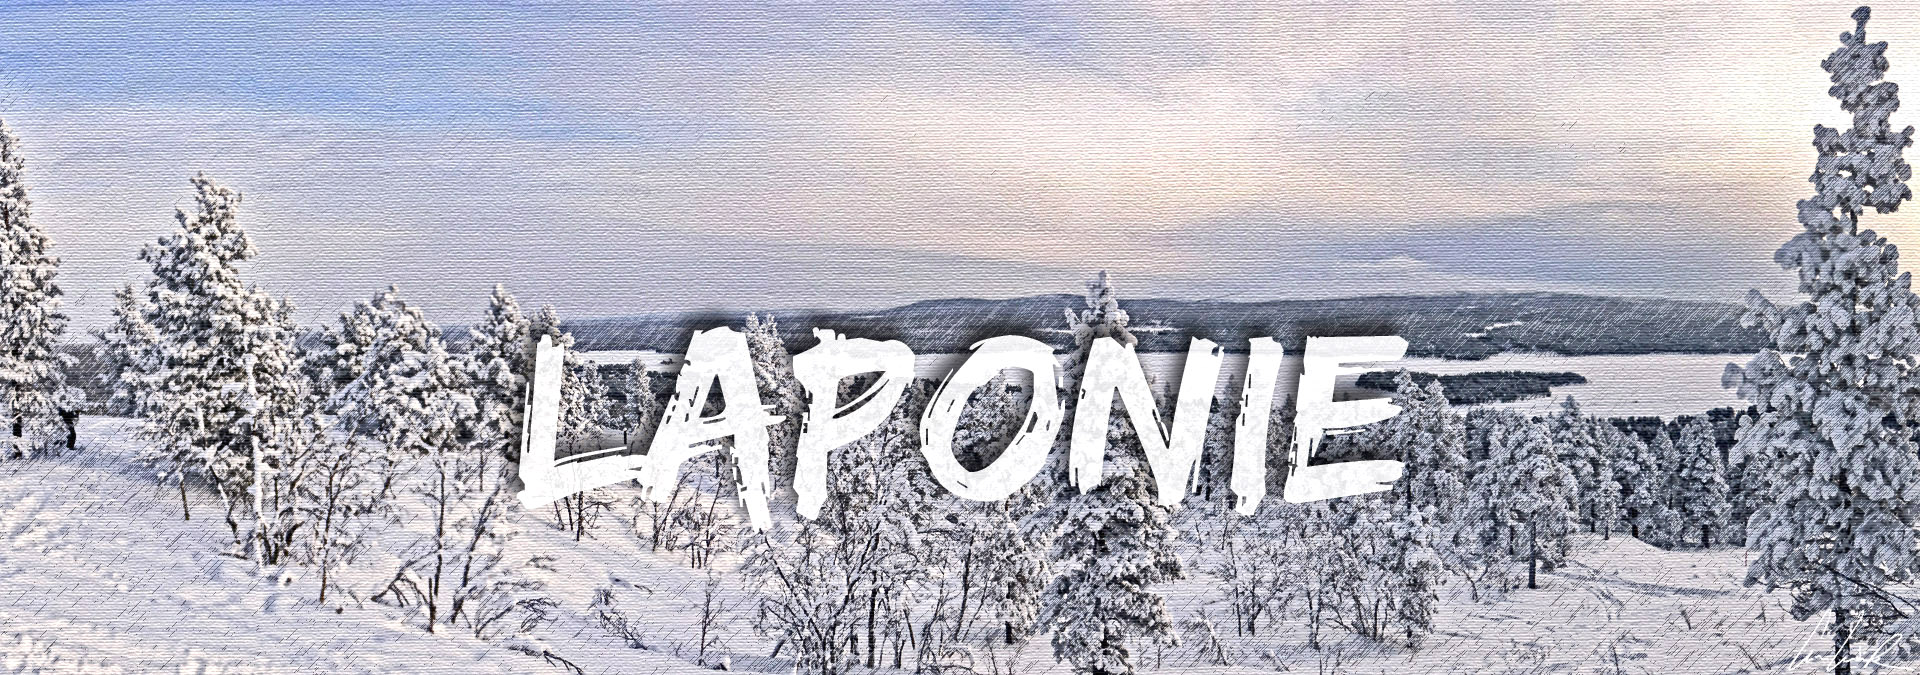 C-Ludik - Pays visité : Laponie